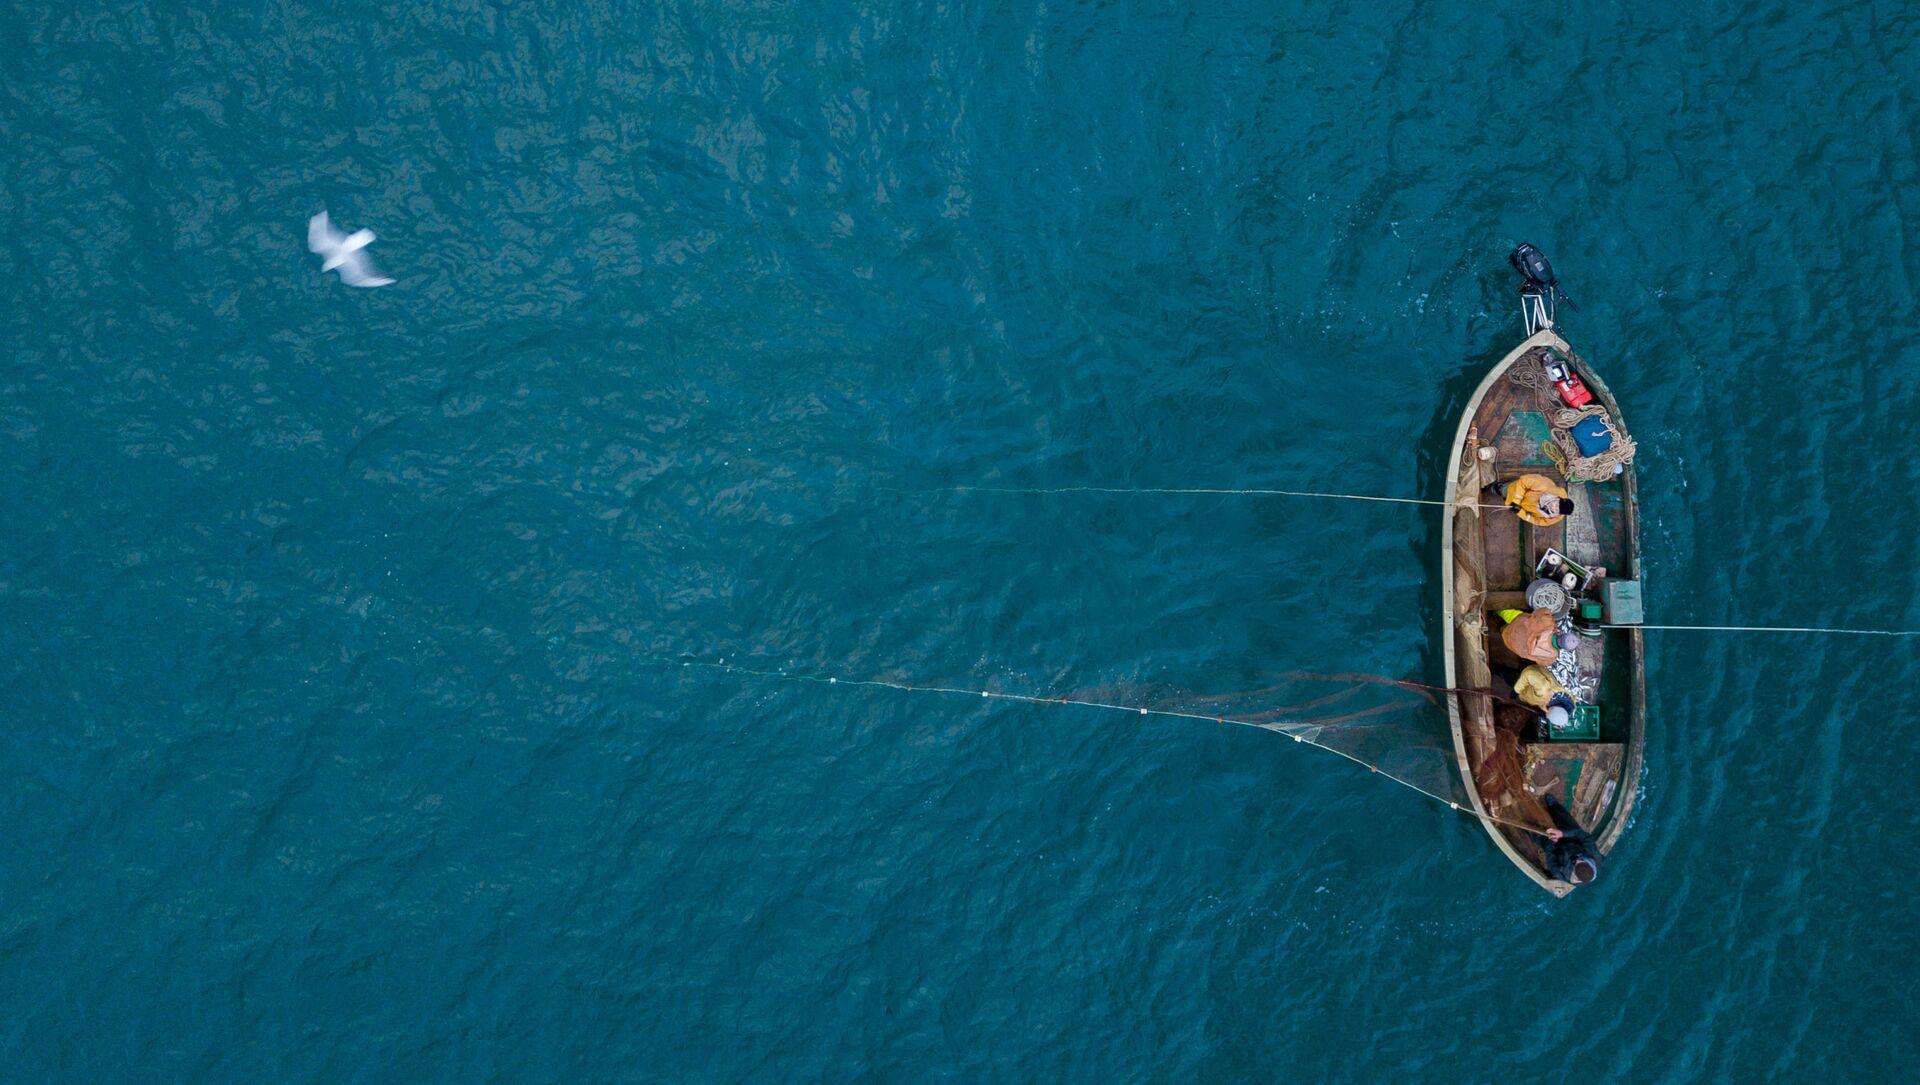 インドネシア沖 漁船の衝突事故で17人行方不明 - Sputnik 日本, 1920, 04.04.2021